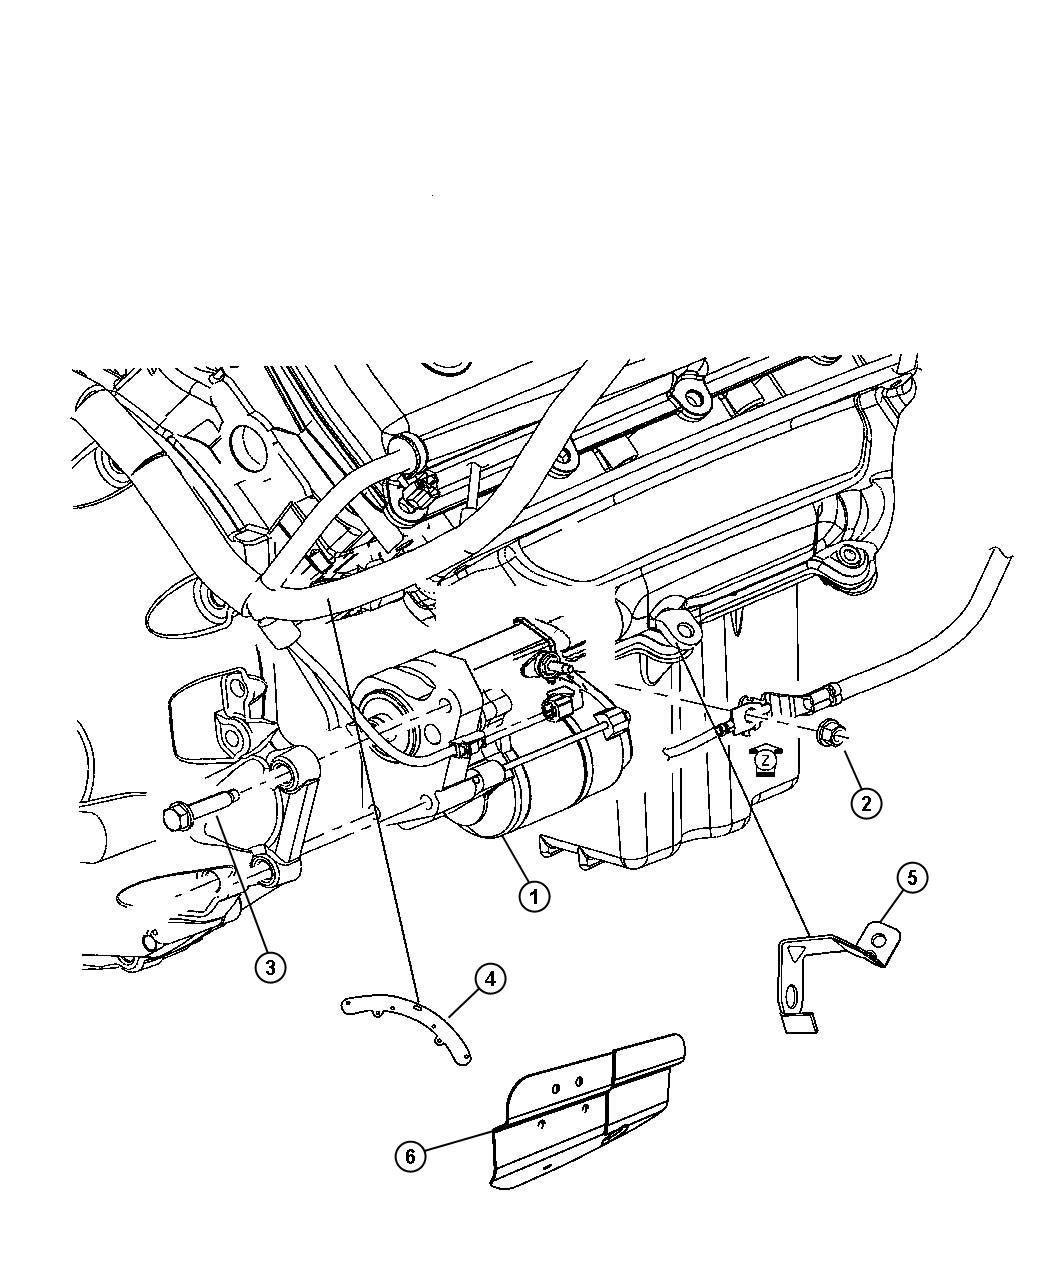 Chrysler 300 Starter Engine Hemi Related Mds